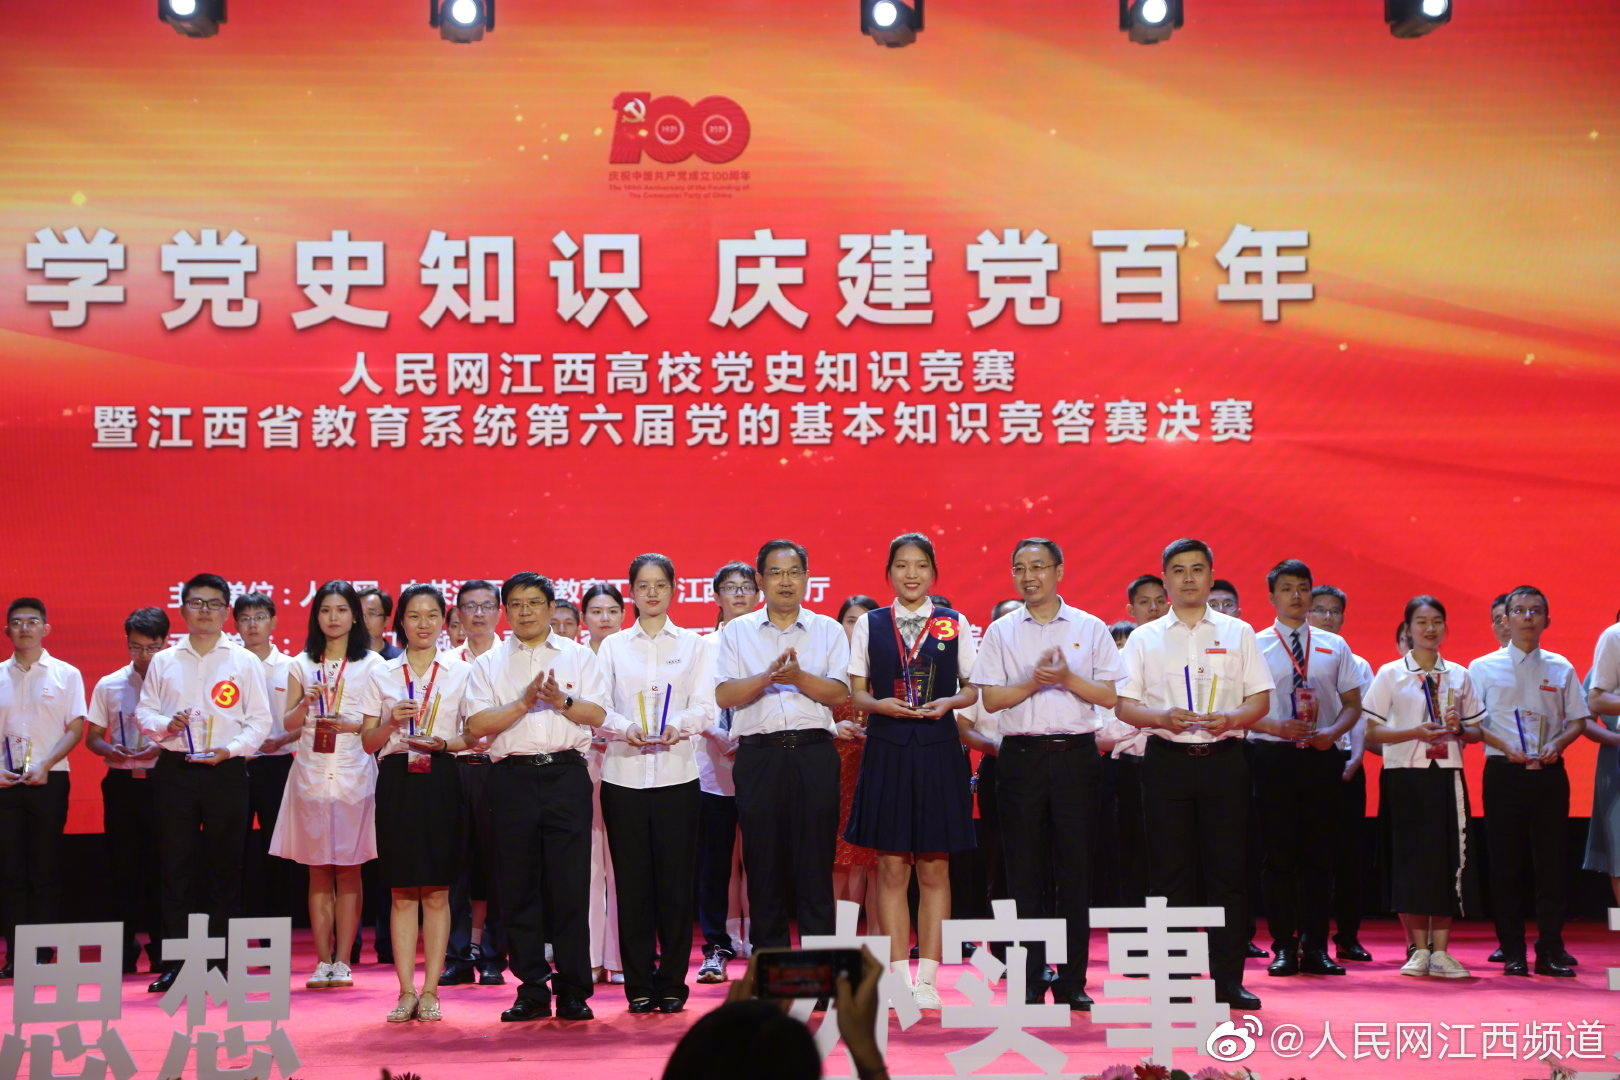 人民网江西高校党史知识竞赛颁奖了他们是冠军